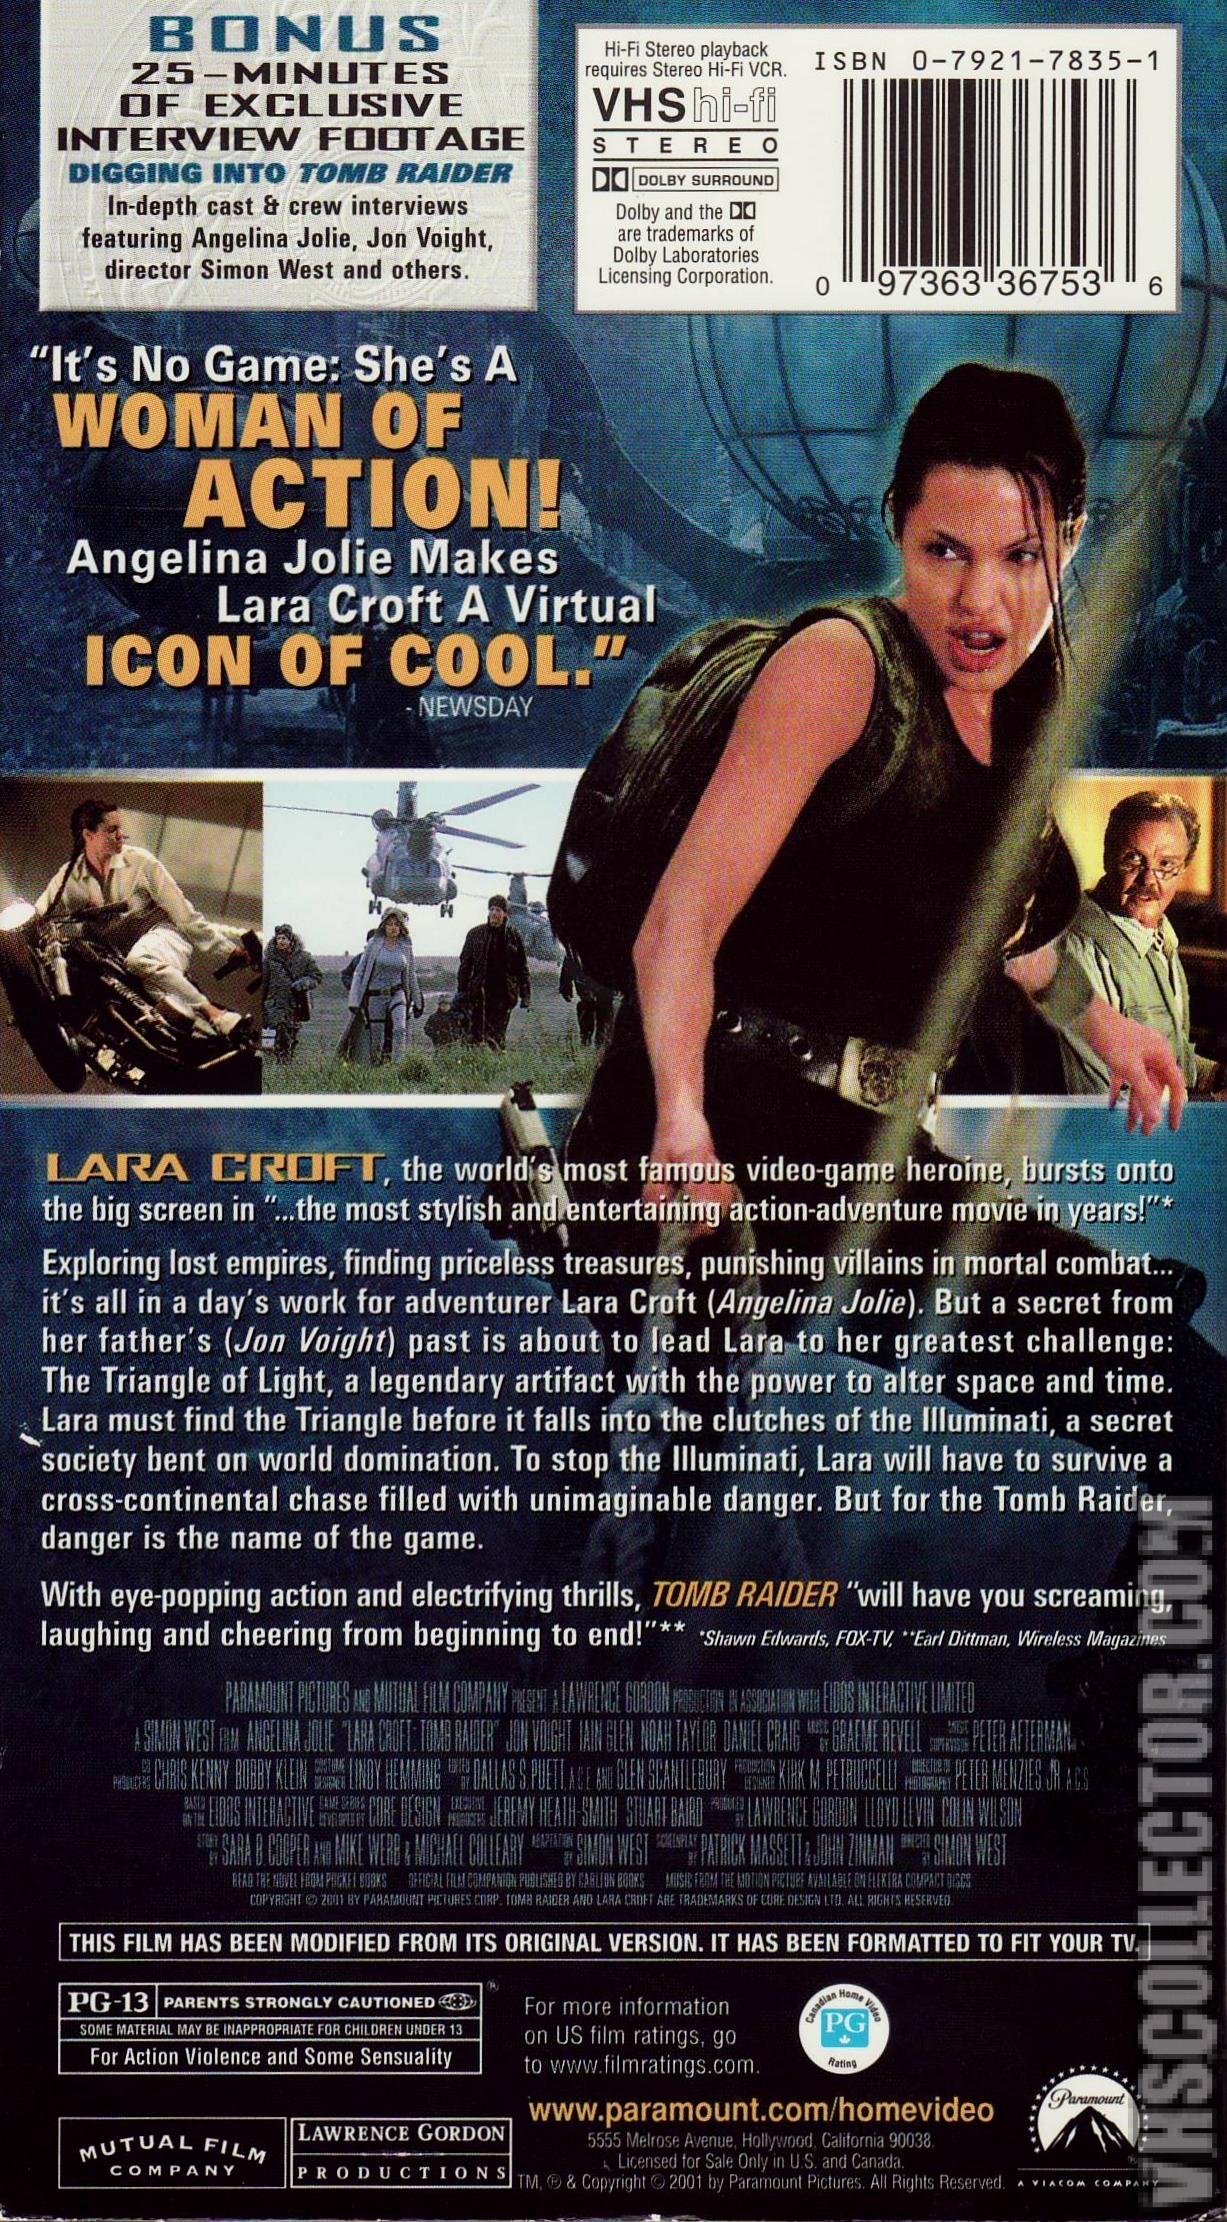 Laura Croft Tomb Raider Vhscollector Com